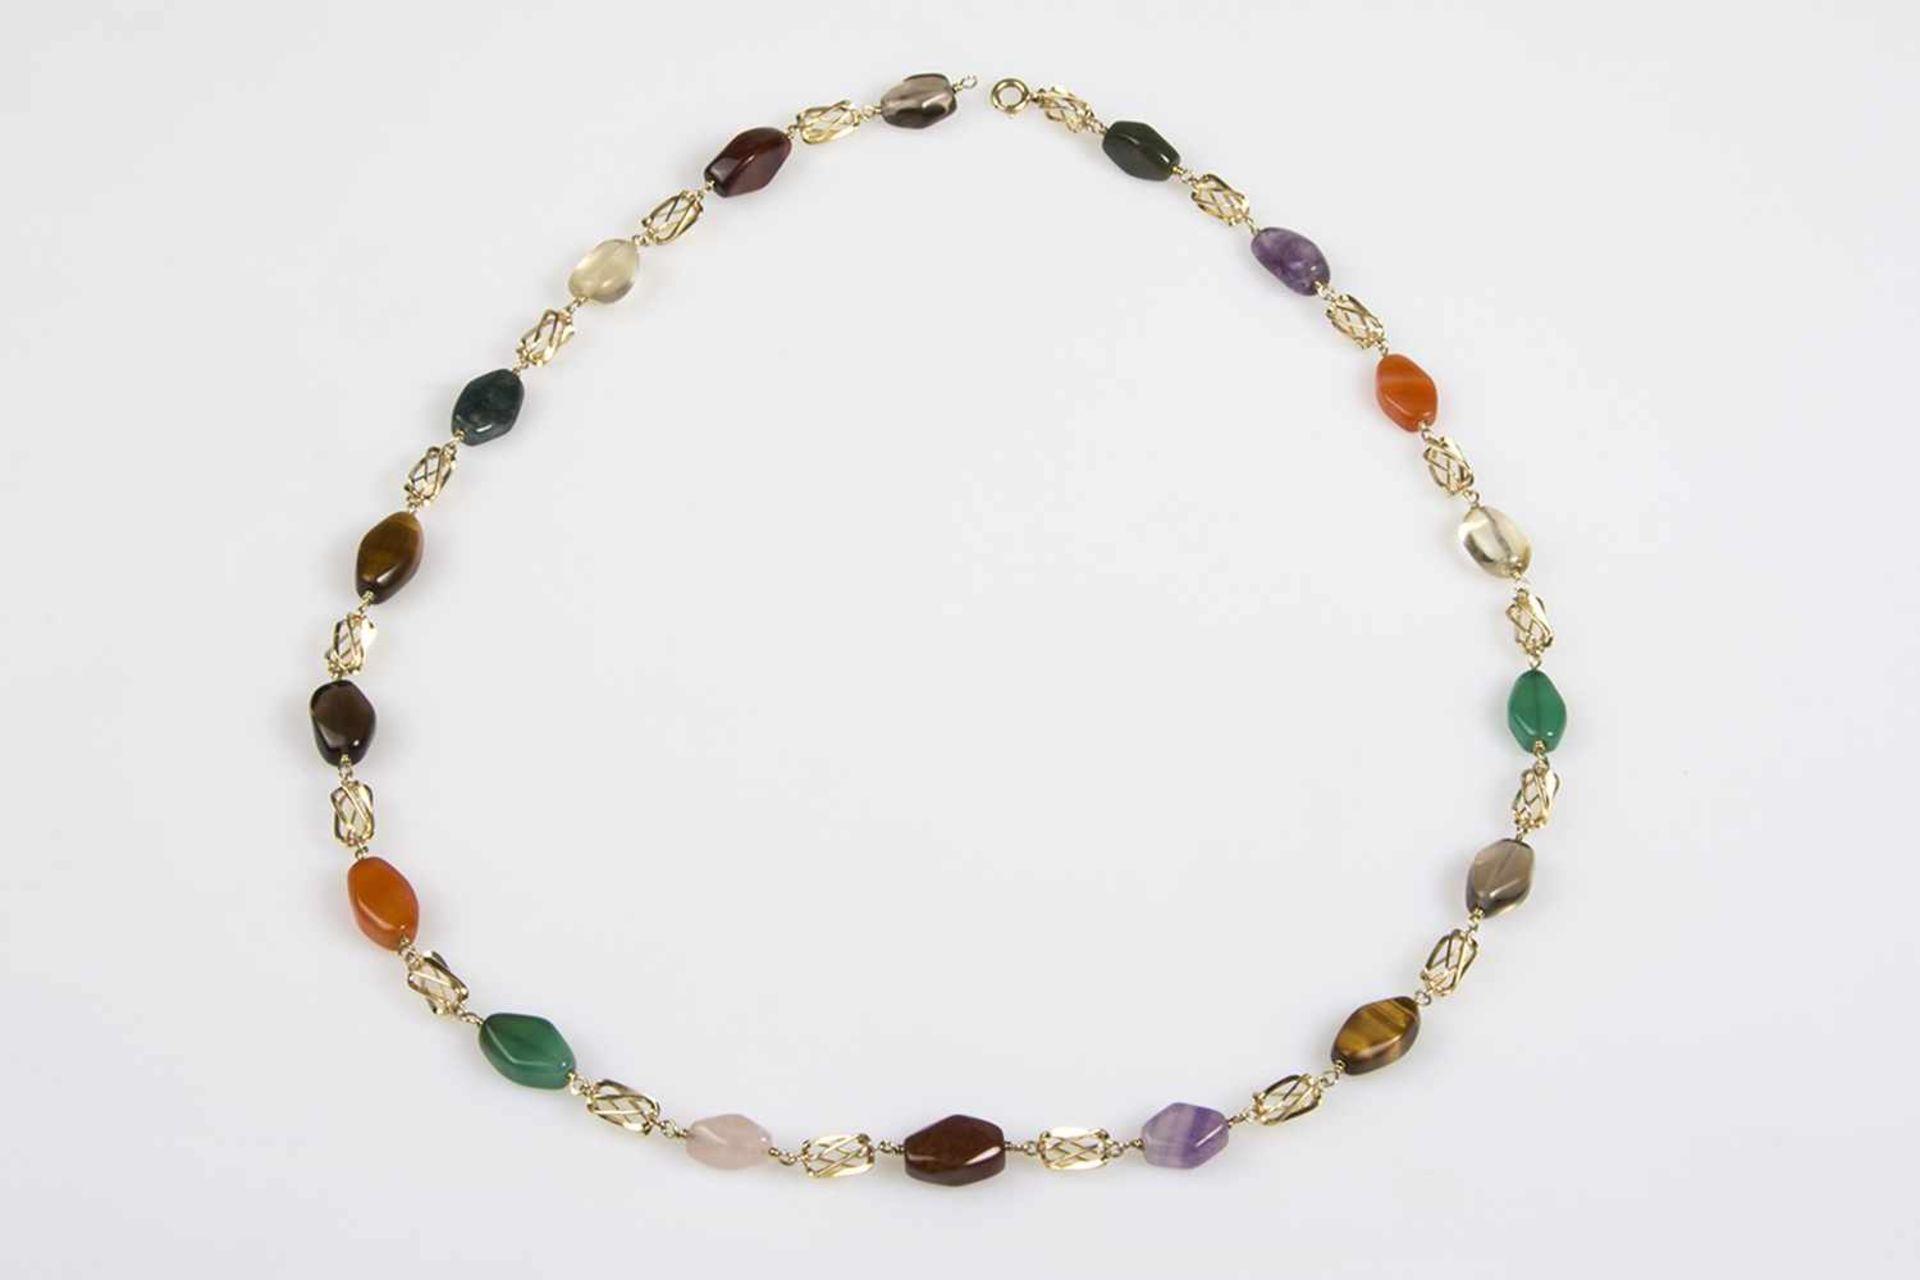 Los 14 - Halskette Gold 585 mit unterschiedlichen Schmucksteinen,Länge ca.68 cm, 75,3 g;